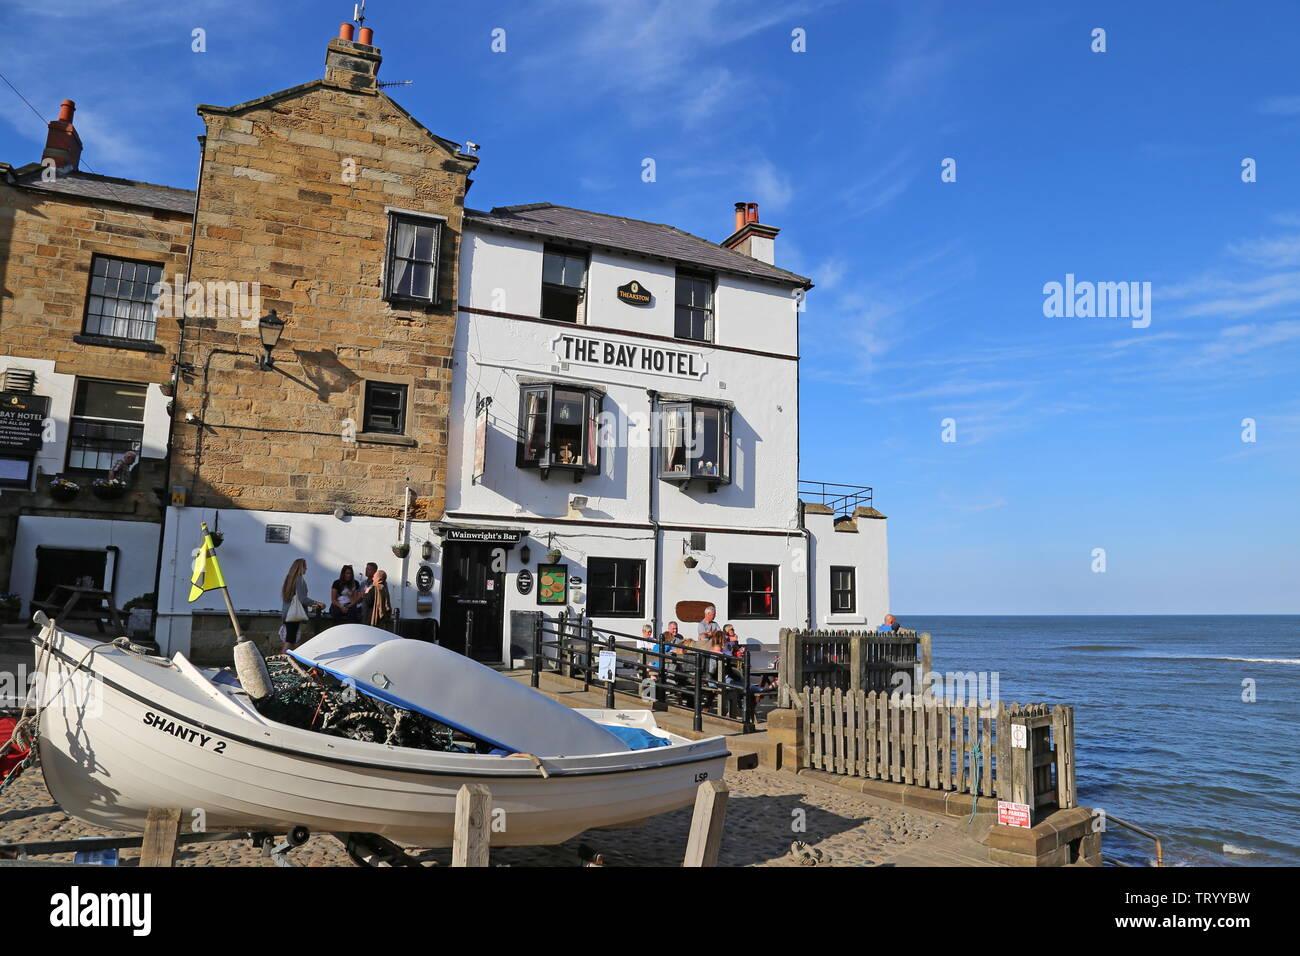 Bay Hotel, el muelle, la Bahía de Robin Hood, Municipio de Scarborough, North Yorkshire, Inglaterra, Gran Bretaña, Reino Unido, UK, Europa Foto de stock